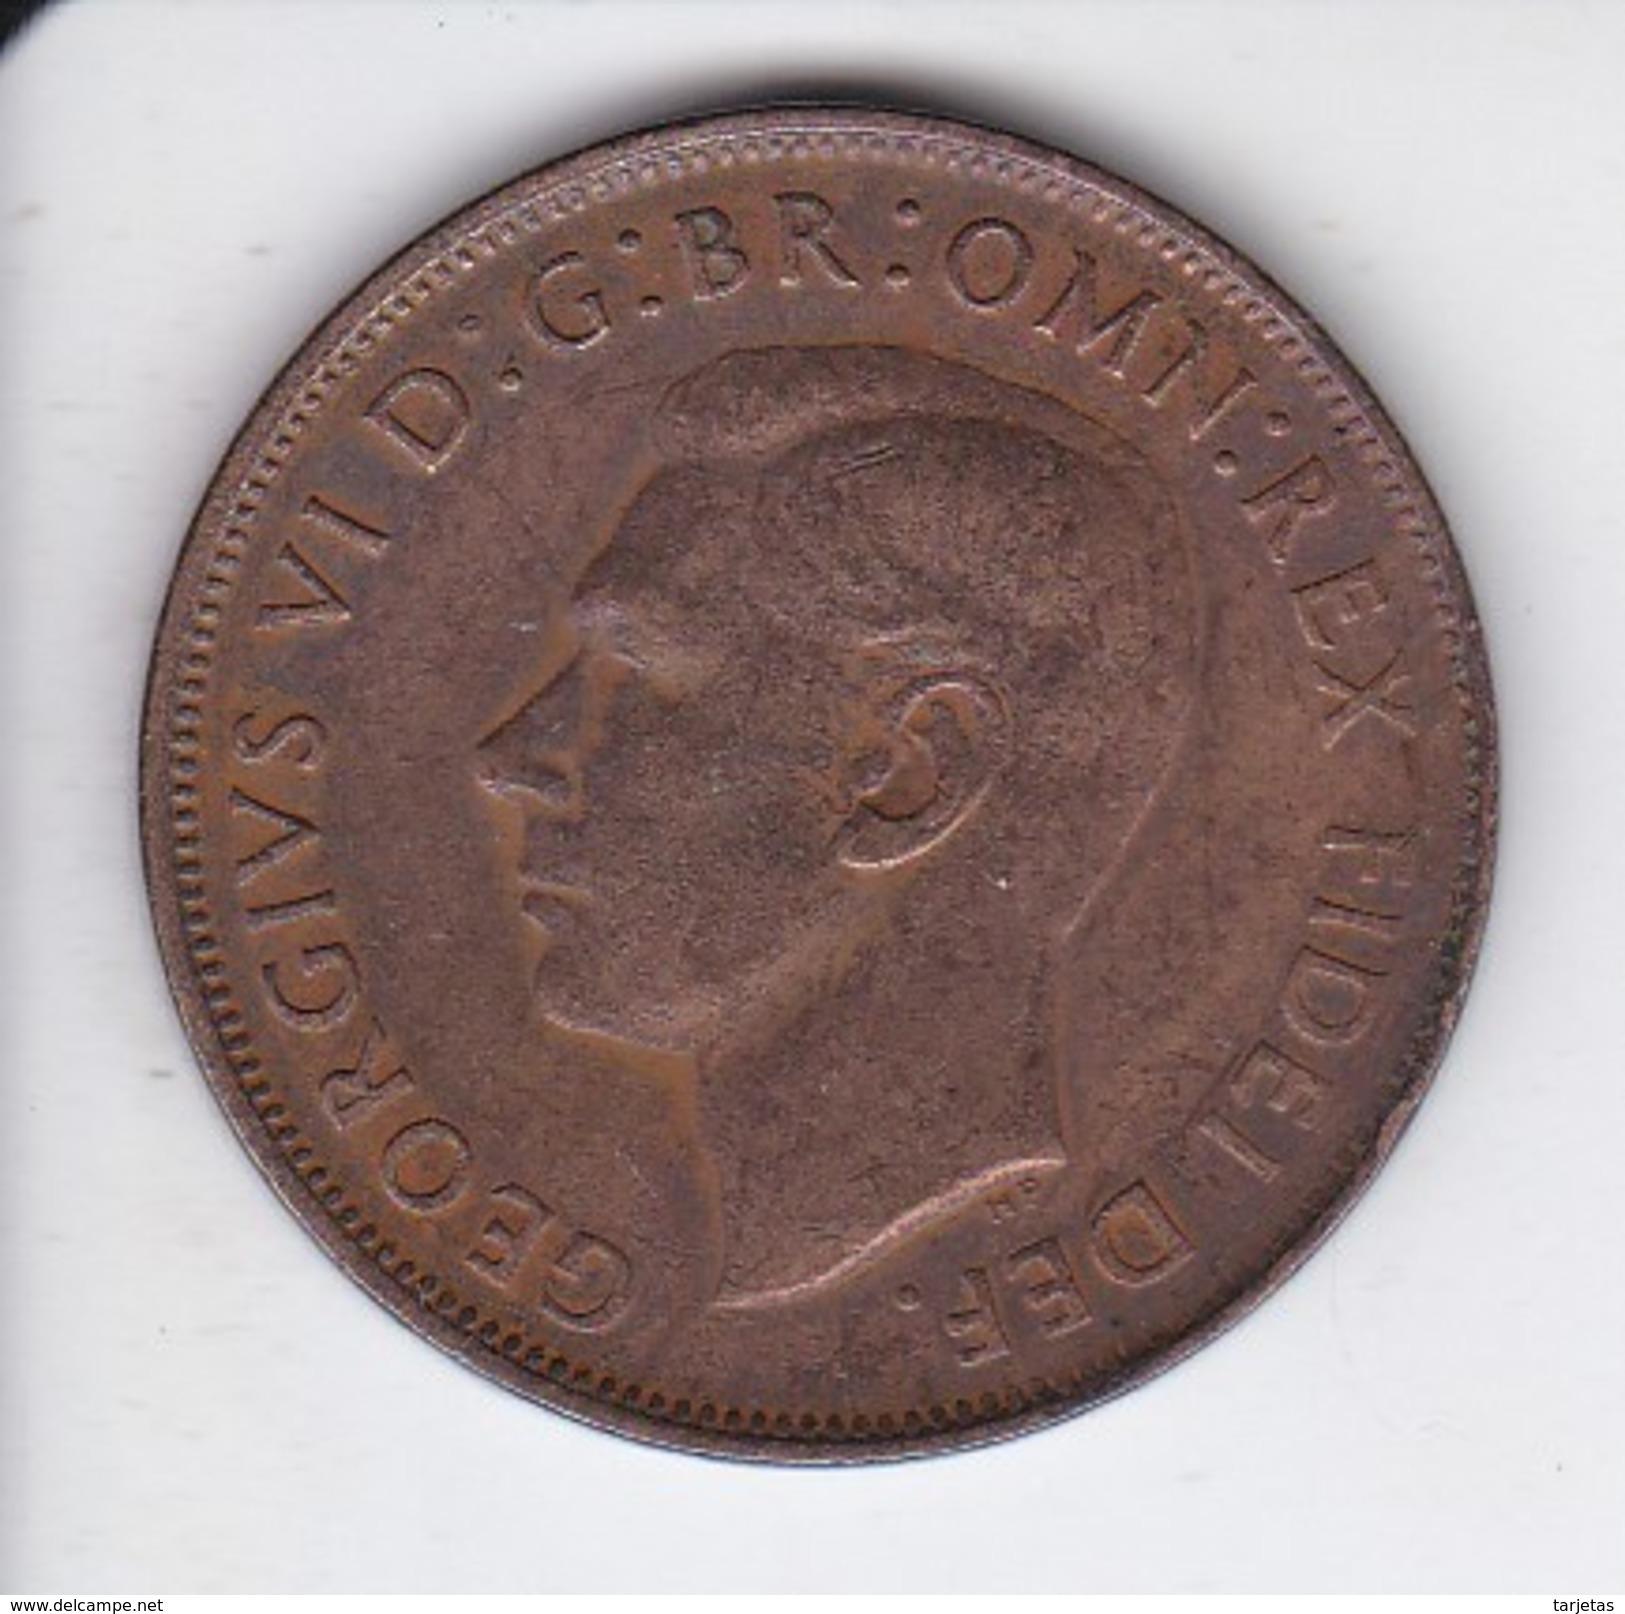 MONEDA DE AUSTRALIA DE 1 PENNY DEL AÑO 1949 CANGURO (KANGAROO) - Moneda Pre-decimale (1910-1965)